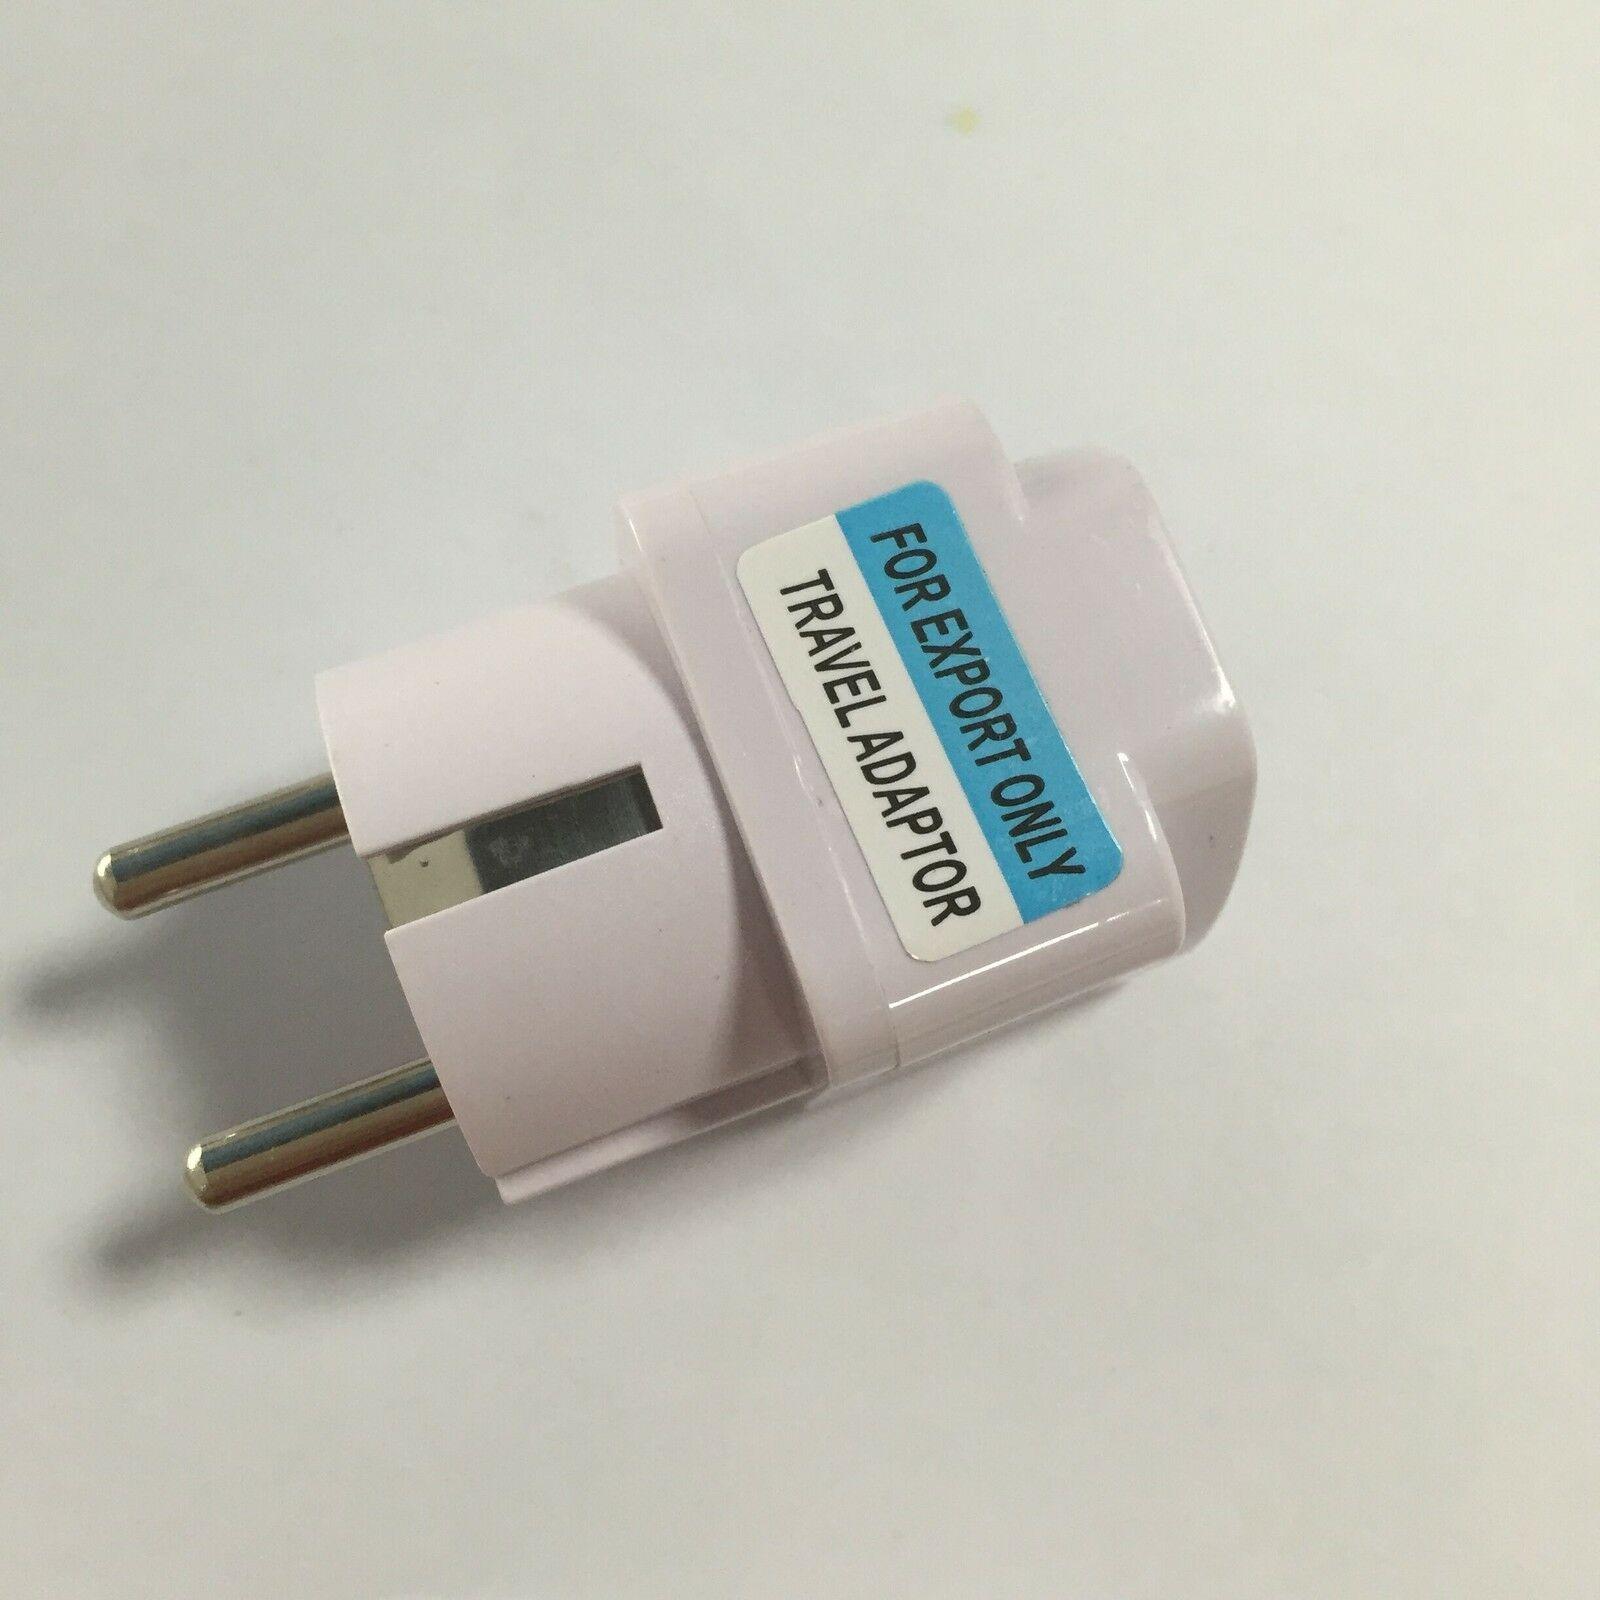 1pc * universal europeu plug adaptador conversor